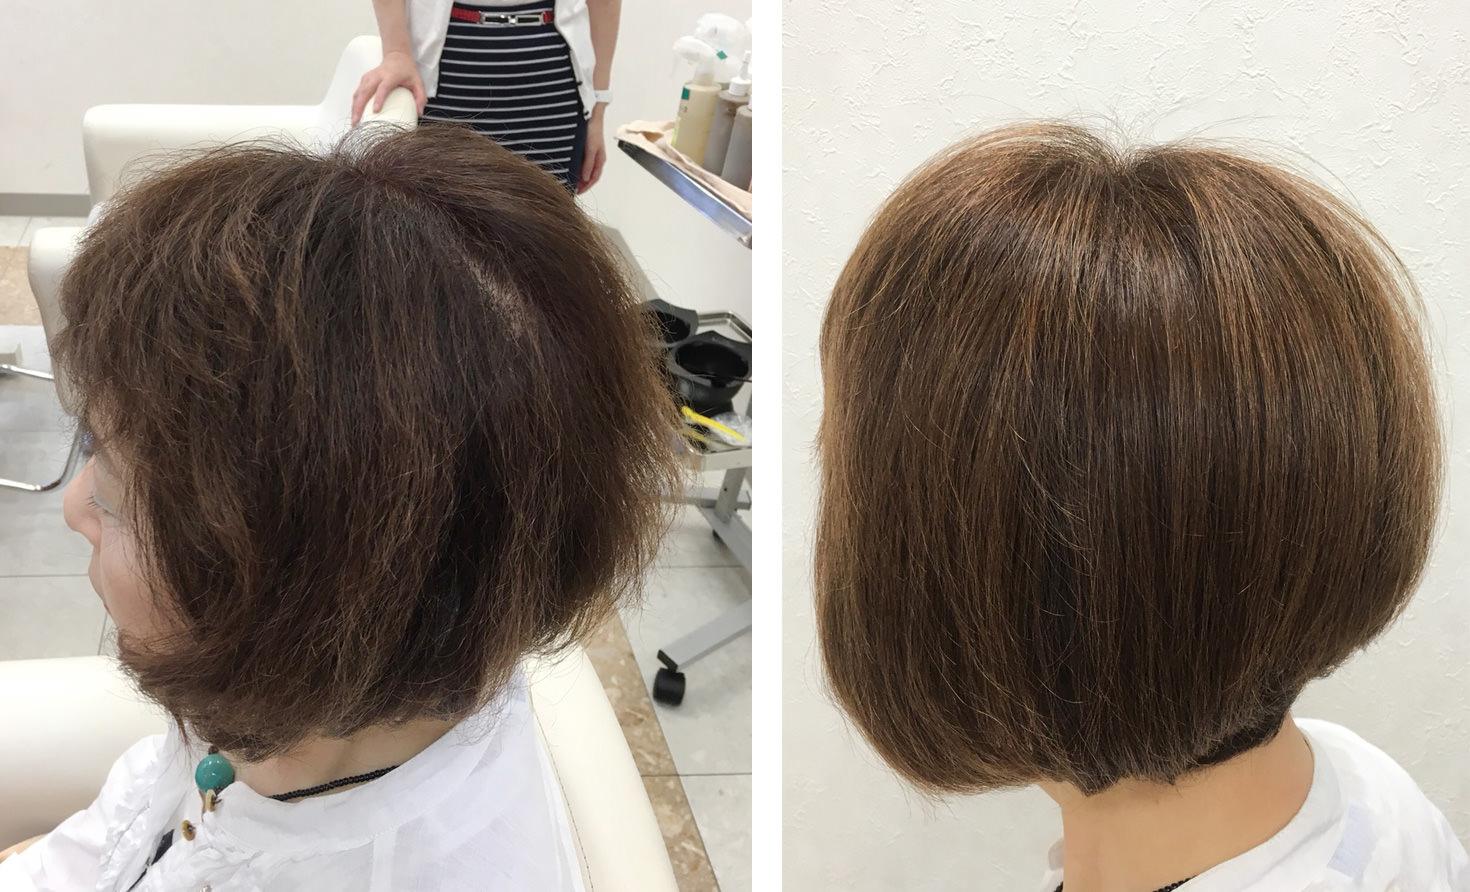 画像:加齢による『髪質変化』でクセが強くなり傷んだように見えるボブカット女性、サイドの施術前(左)施術後(右)